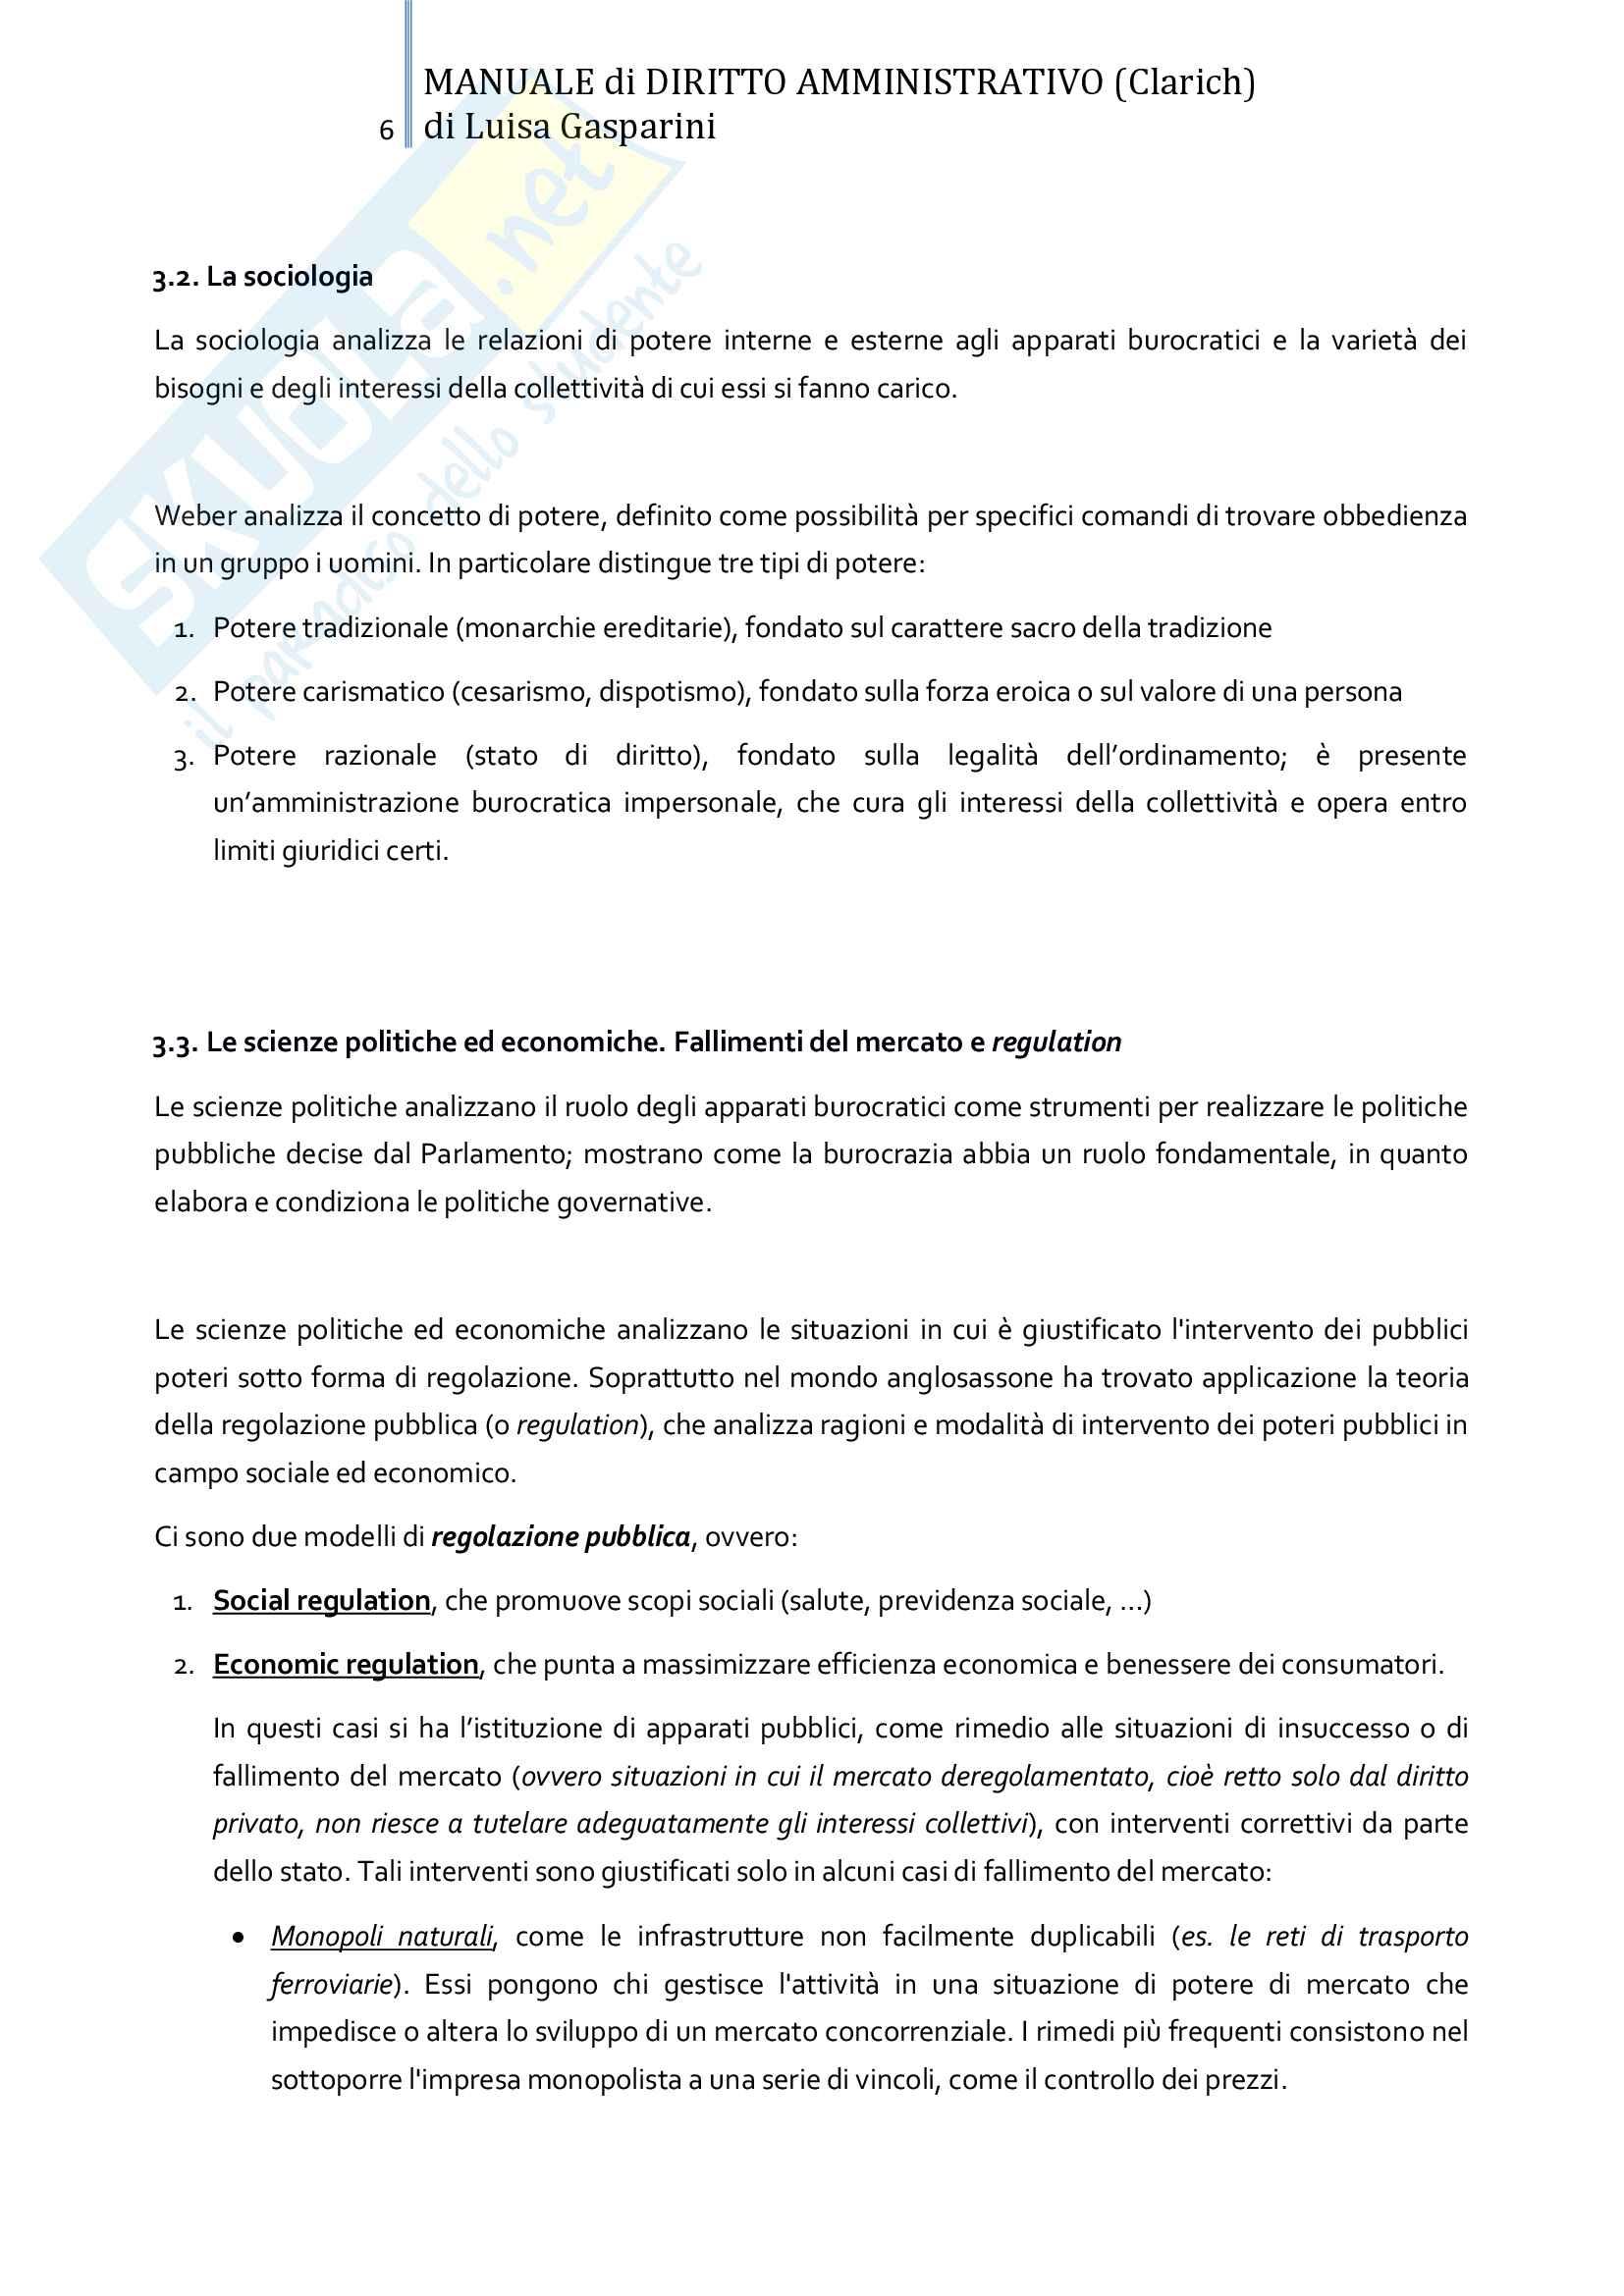 Riassunto esame Diritto amministrativo, professor Leonardi. Testo consigliato Manuale di Diritto Amministrativo, Clarich Pag. 6